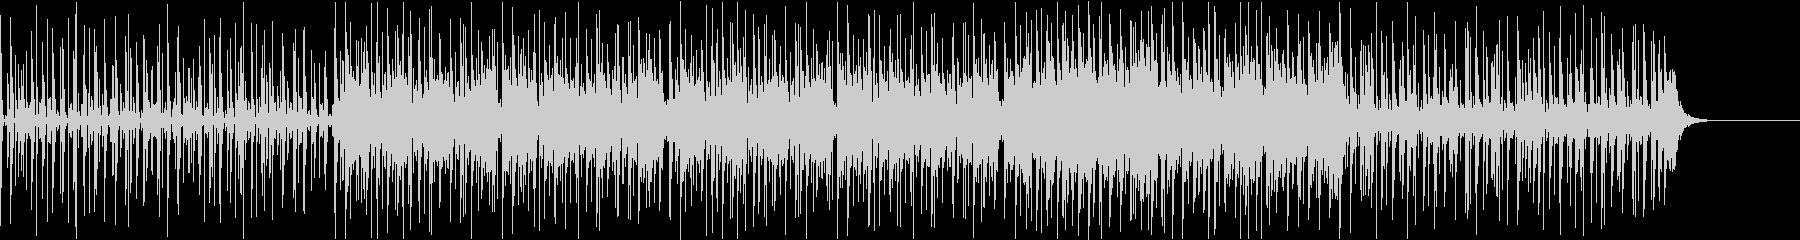 ハイパーほのぼのノンビリしてるマリンバ曲の未再生の波形